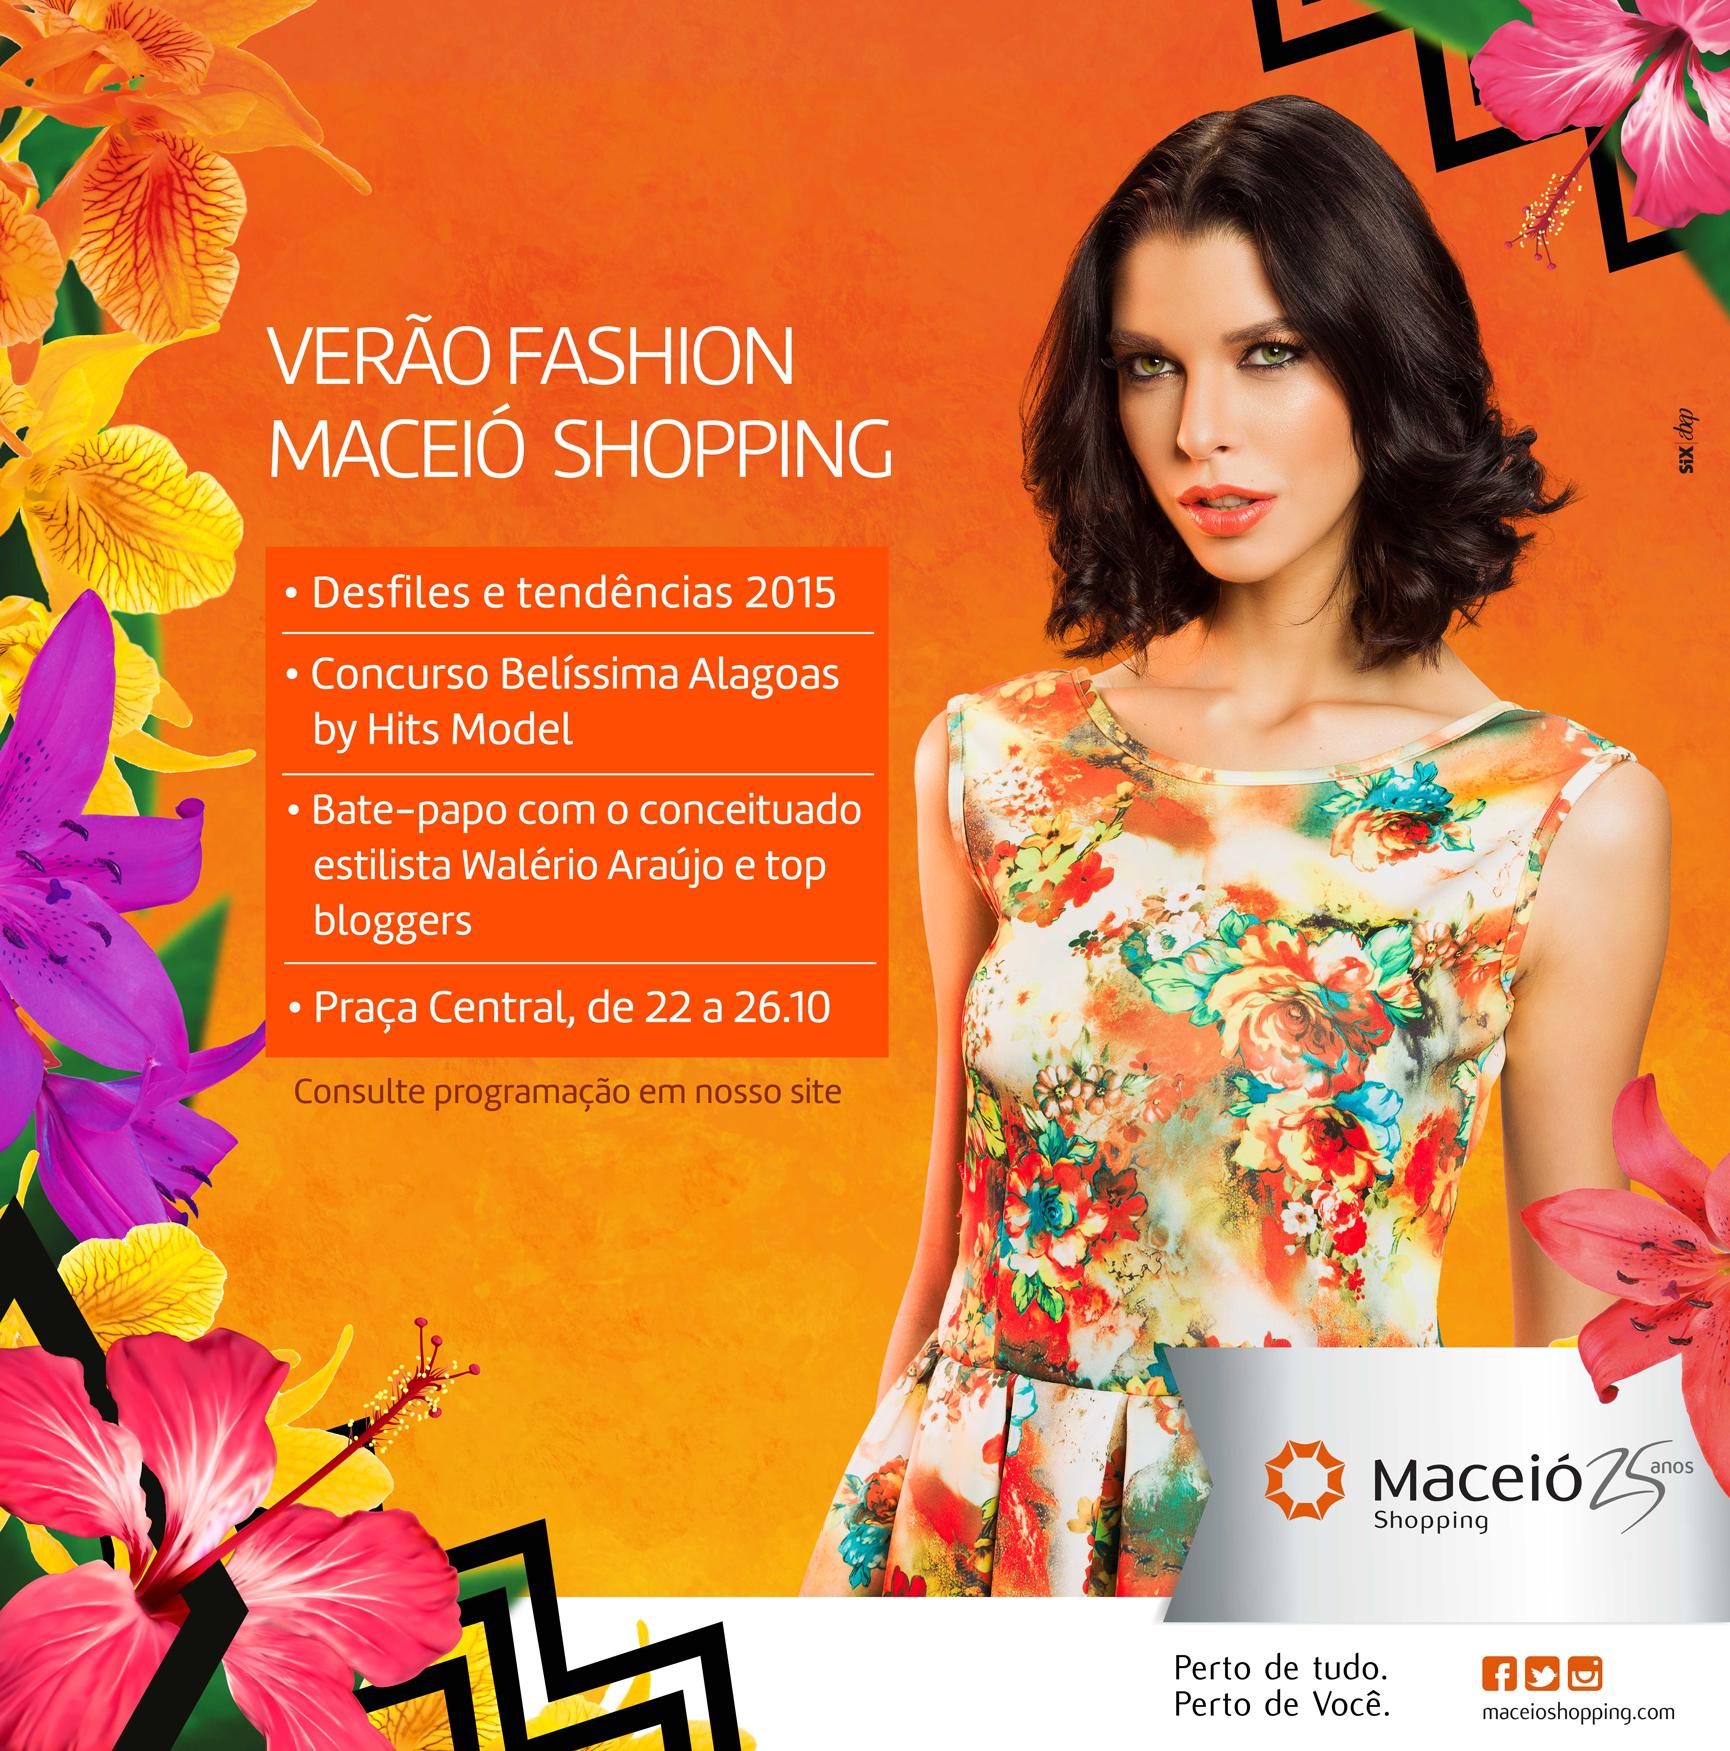 Maceio-Shopping---alto-verão---meia-jornal-25,2cm-x-25,5.jpg